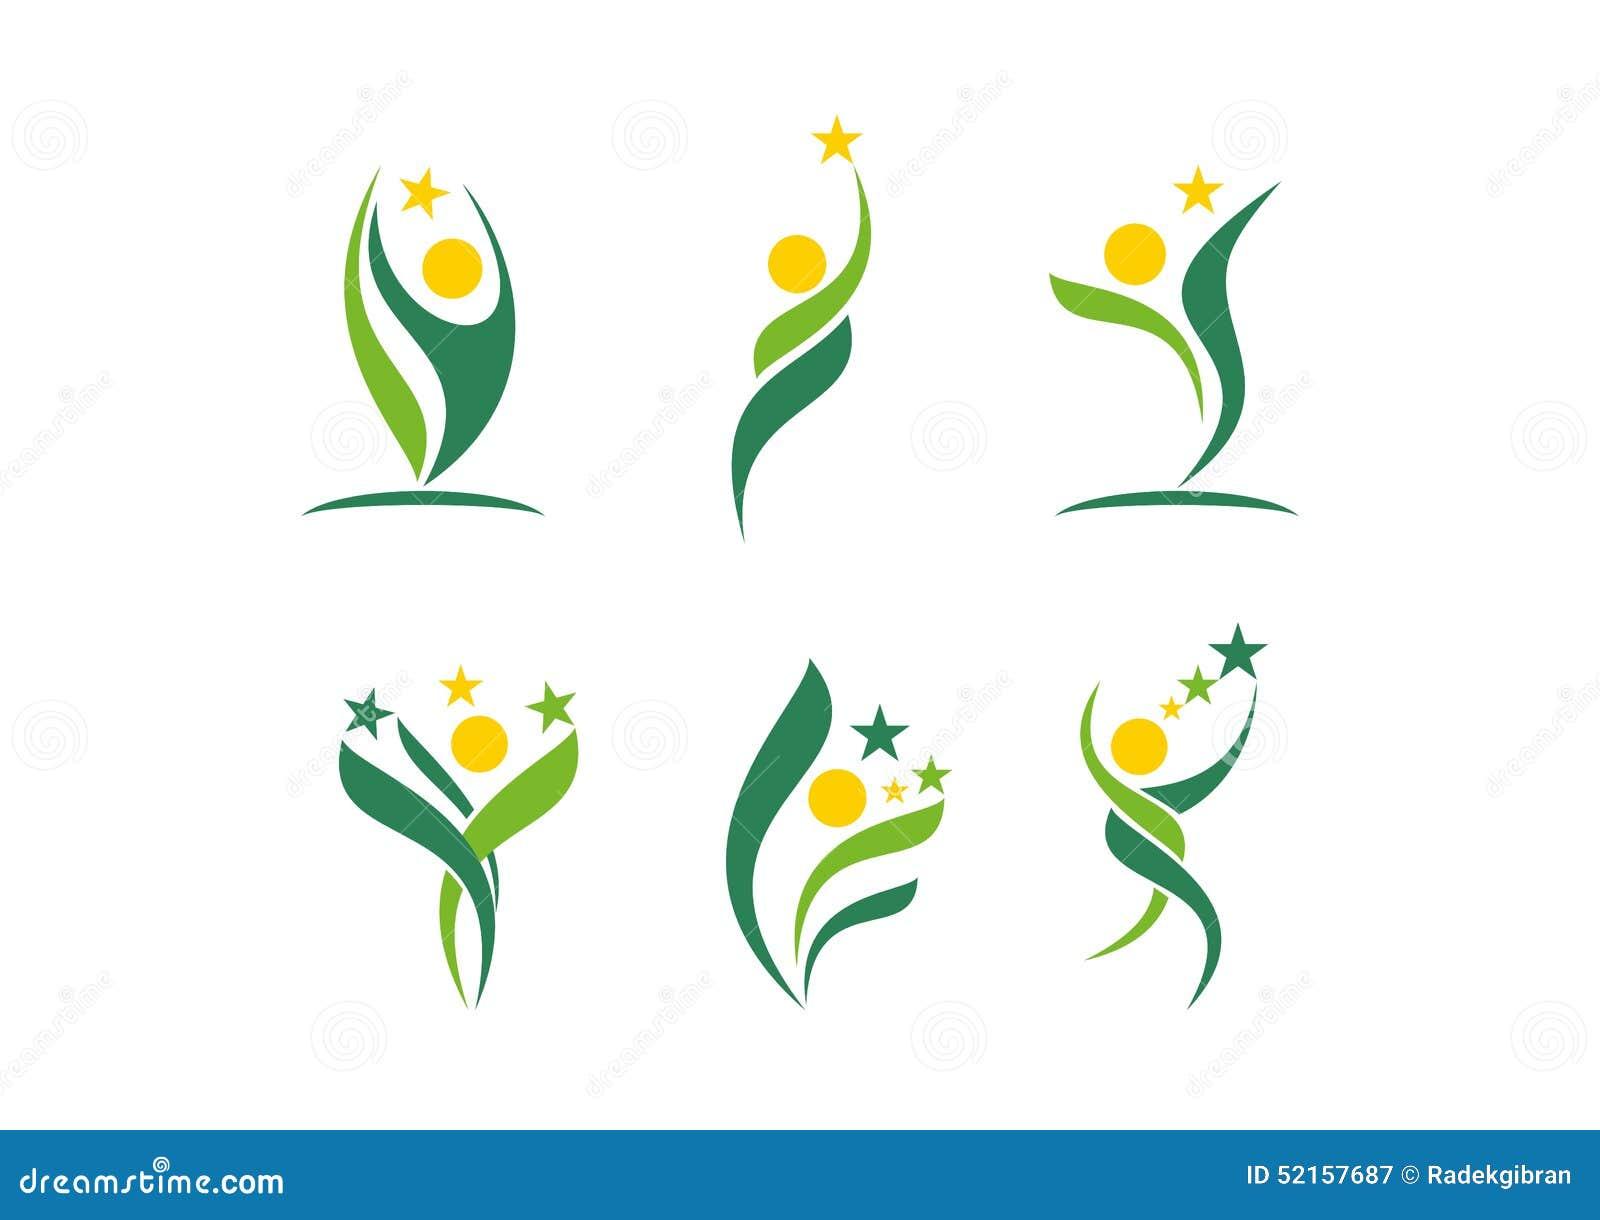 植物,人们,健康,庆祝,自然,星,商标,健康,太阳,叶子,植物学,生态,标志象布景传染媒介